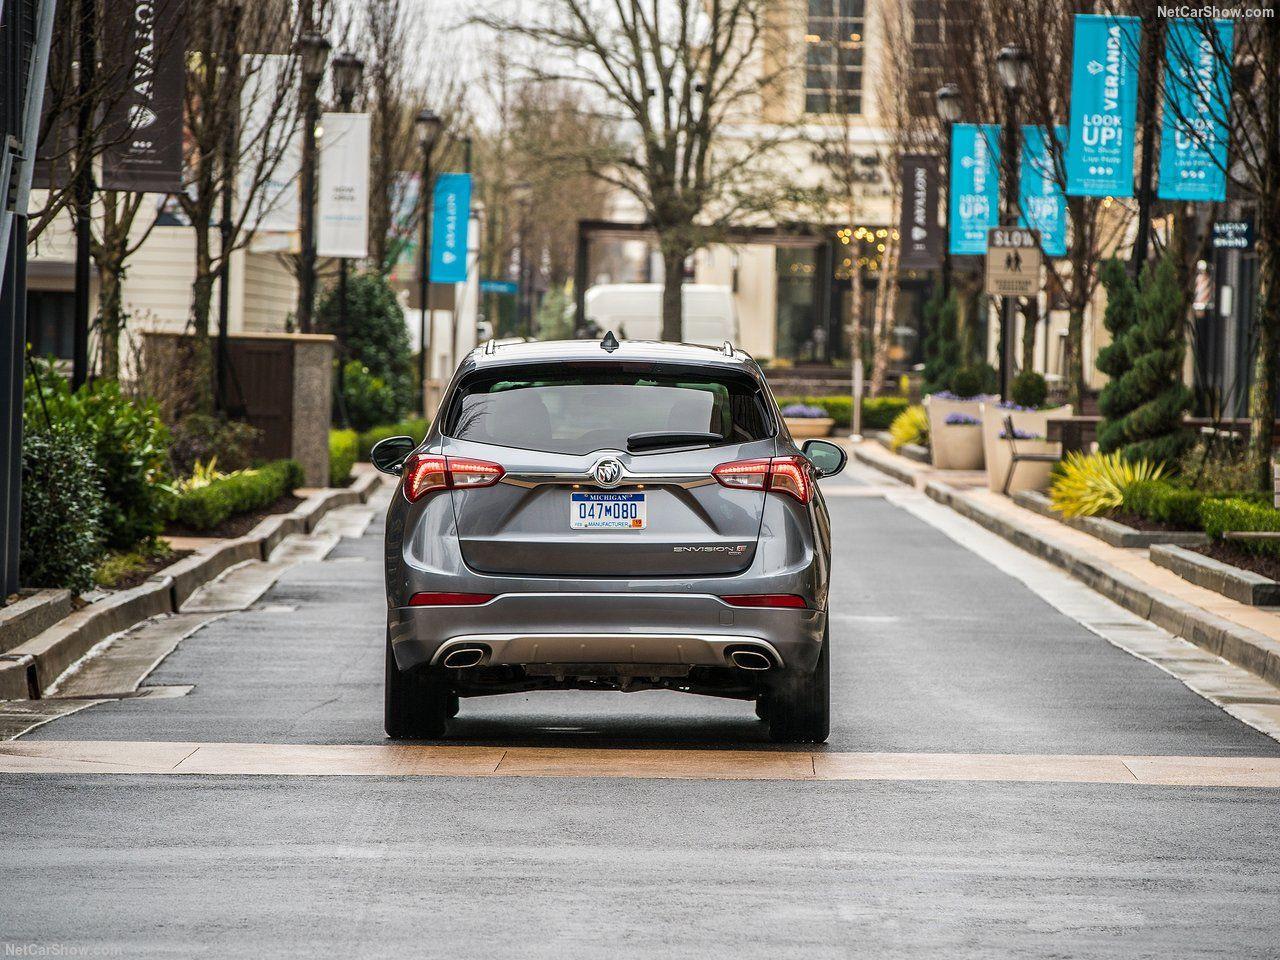 Buick Envision zarif tasarımı ile büyülüyor! - Page 2